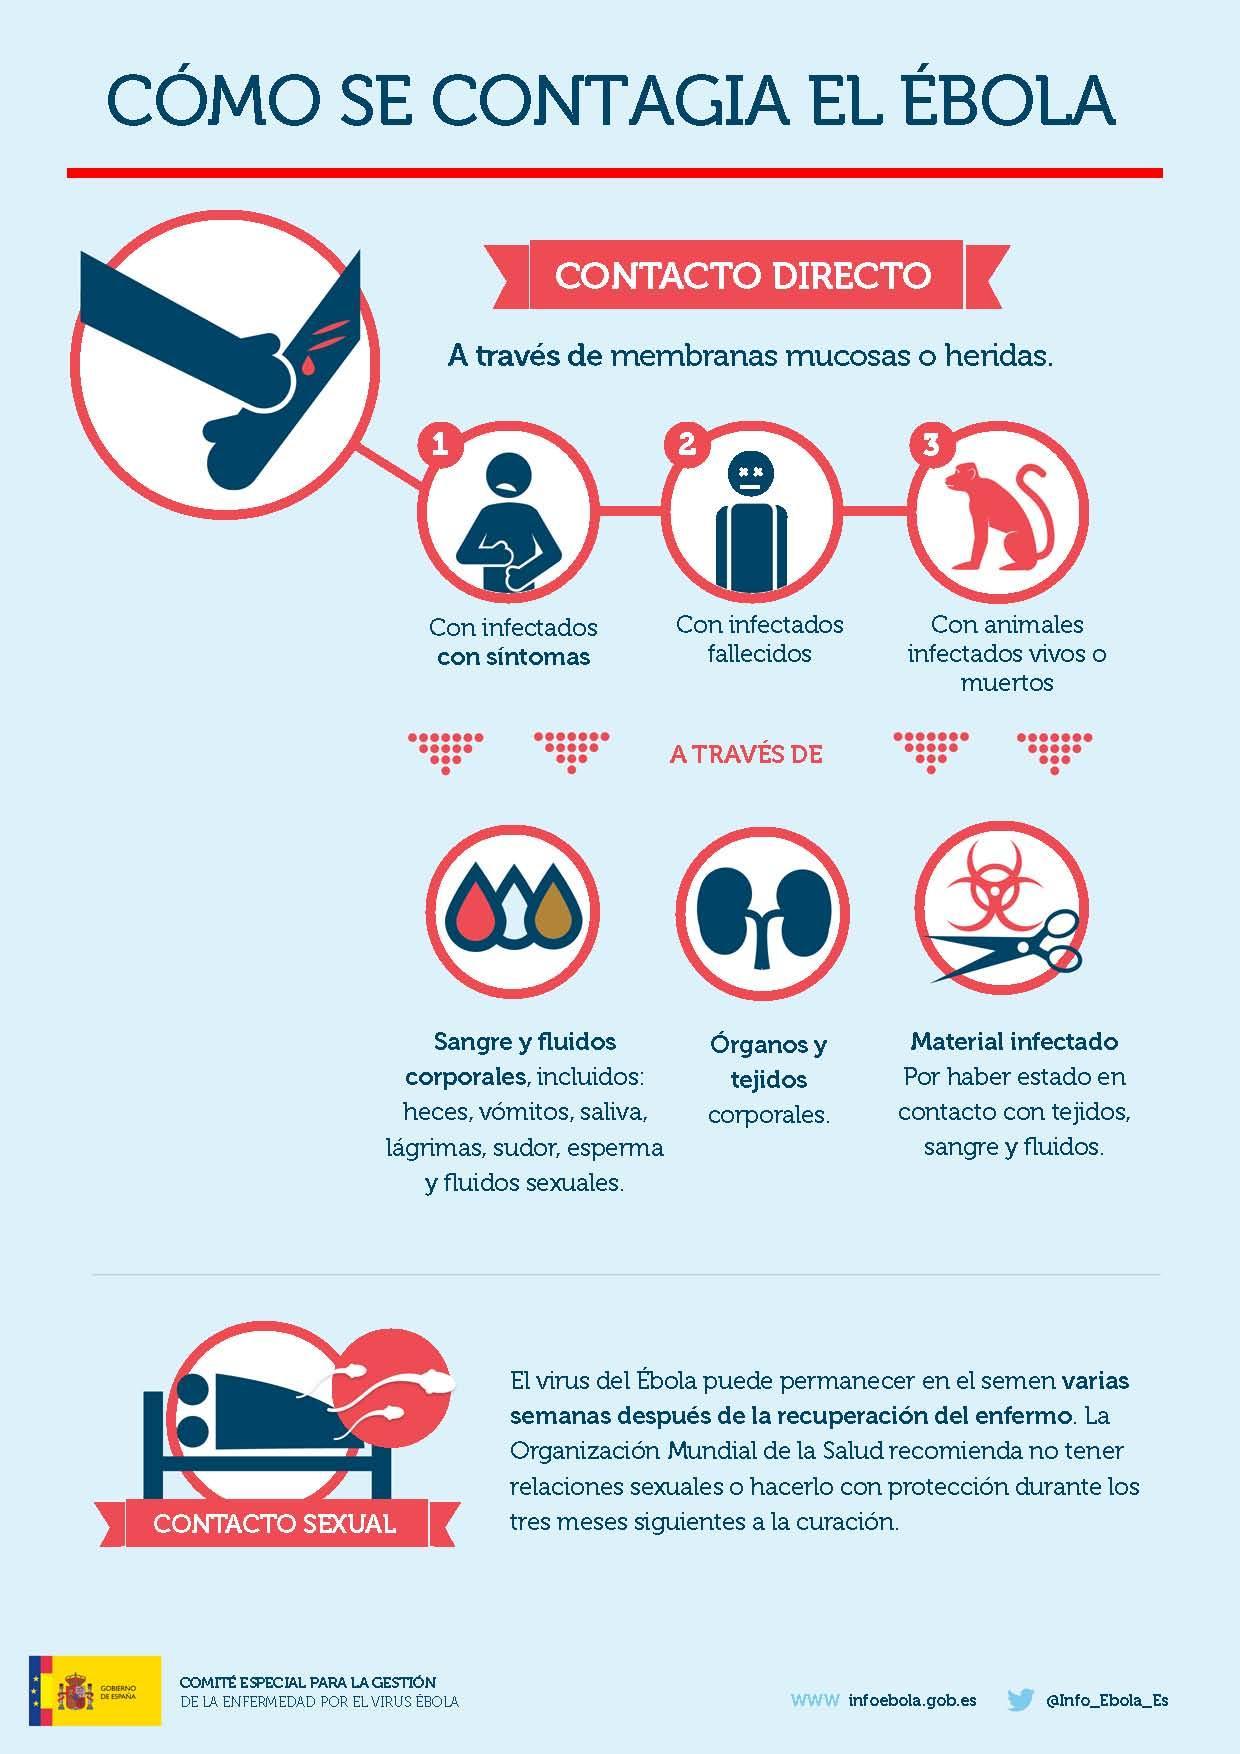 Poster informativo de como se contagia el ébola